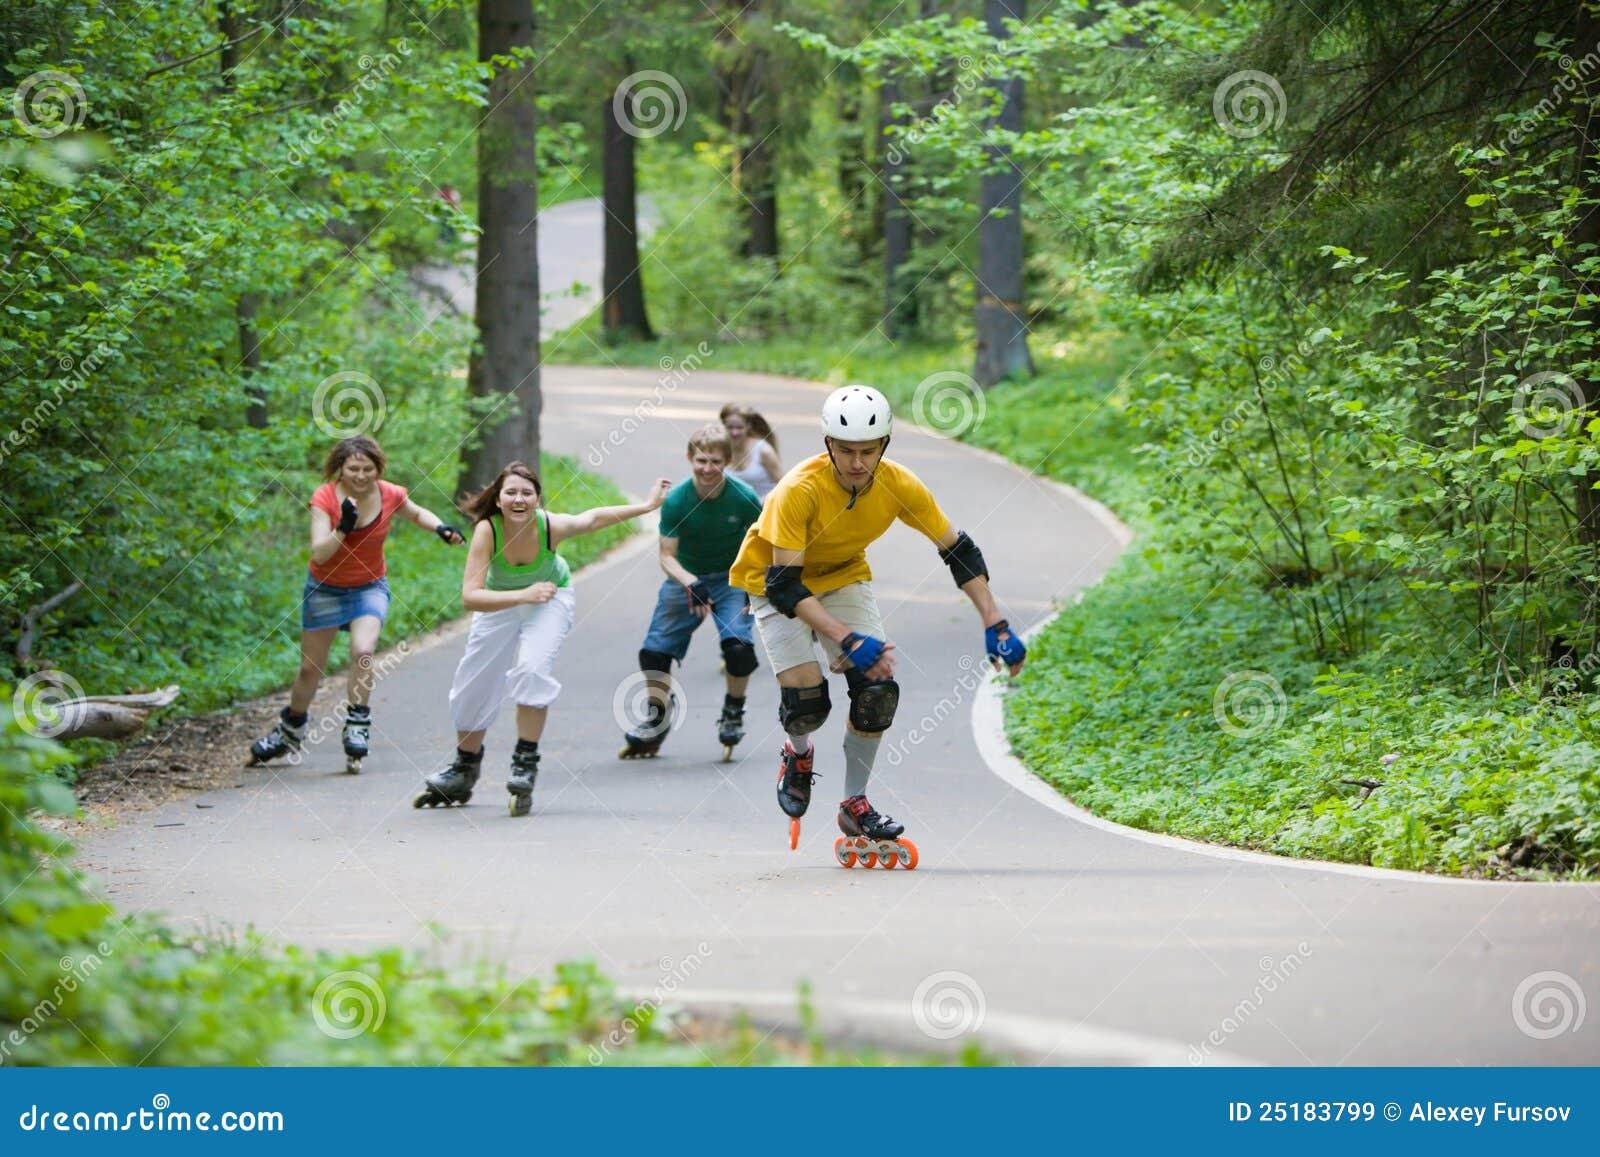 кататься на коньках людей парка